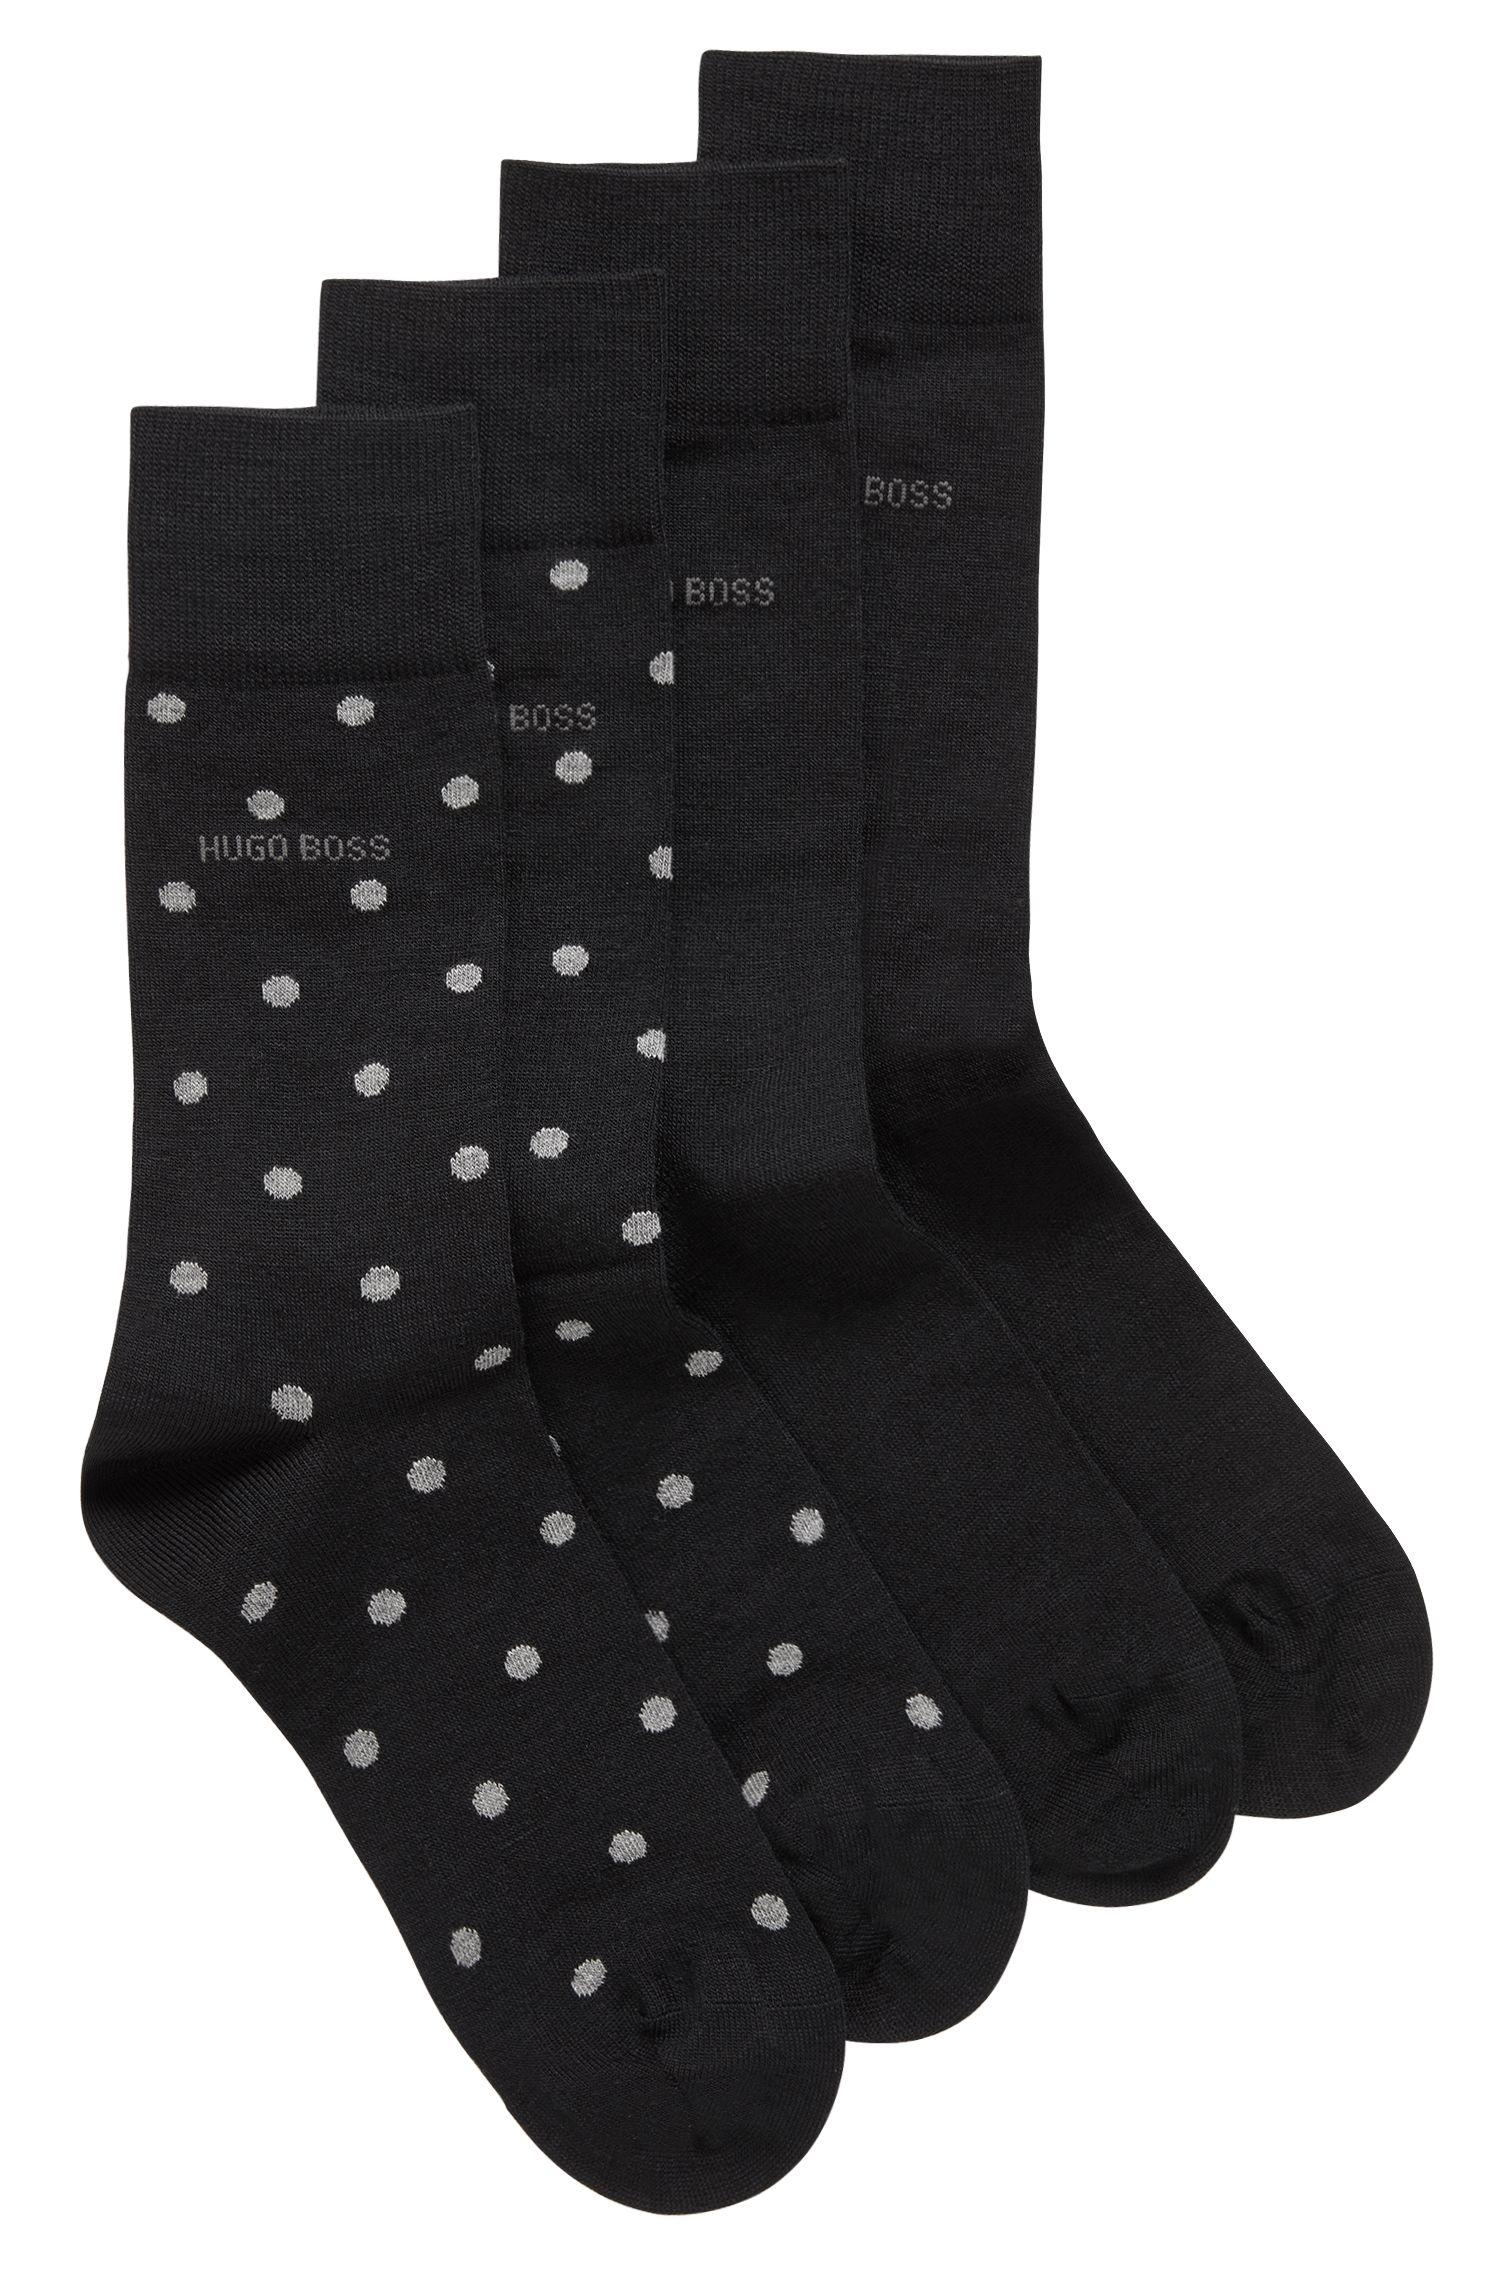 Zweier-Pack mittelhohe Socken aus Merinowoll-Mix, Schwarz